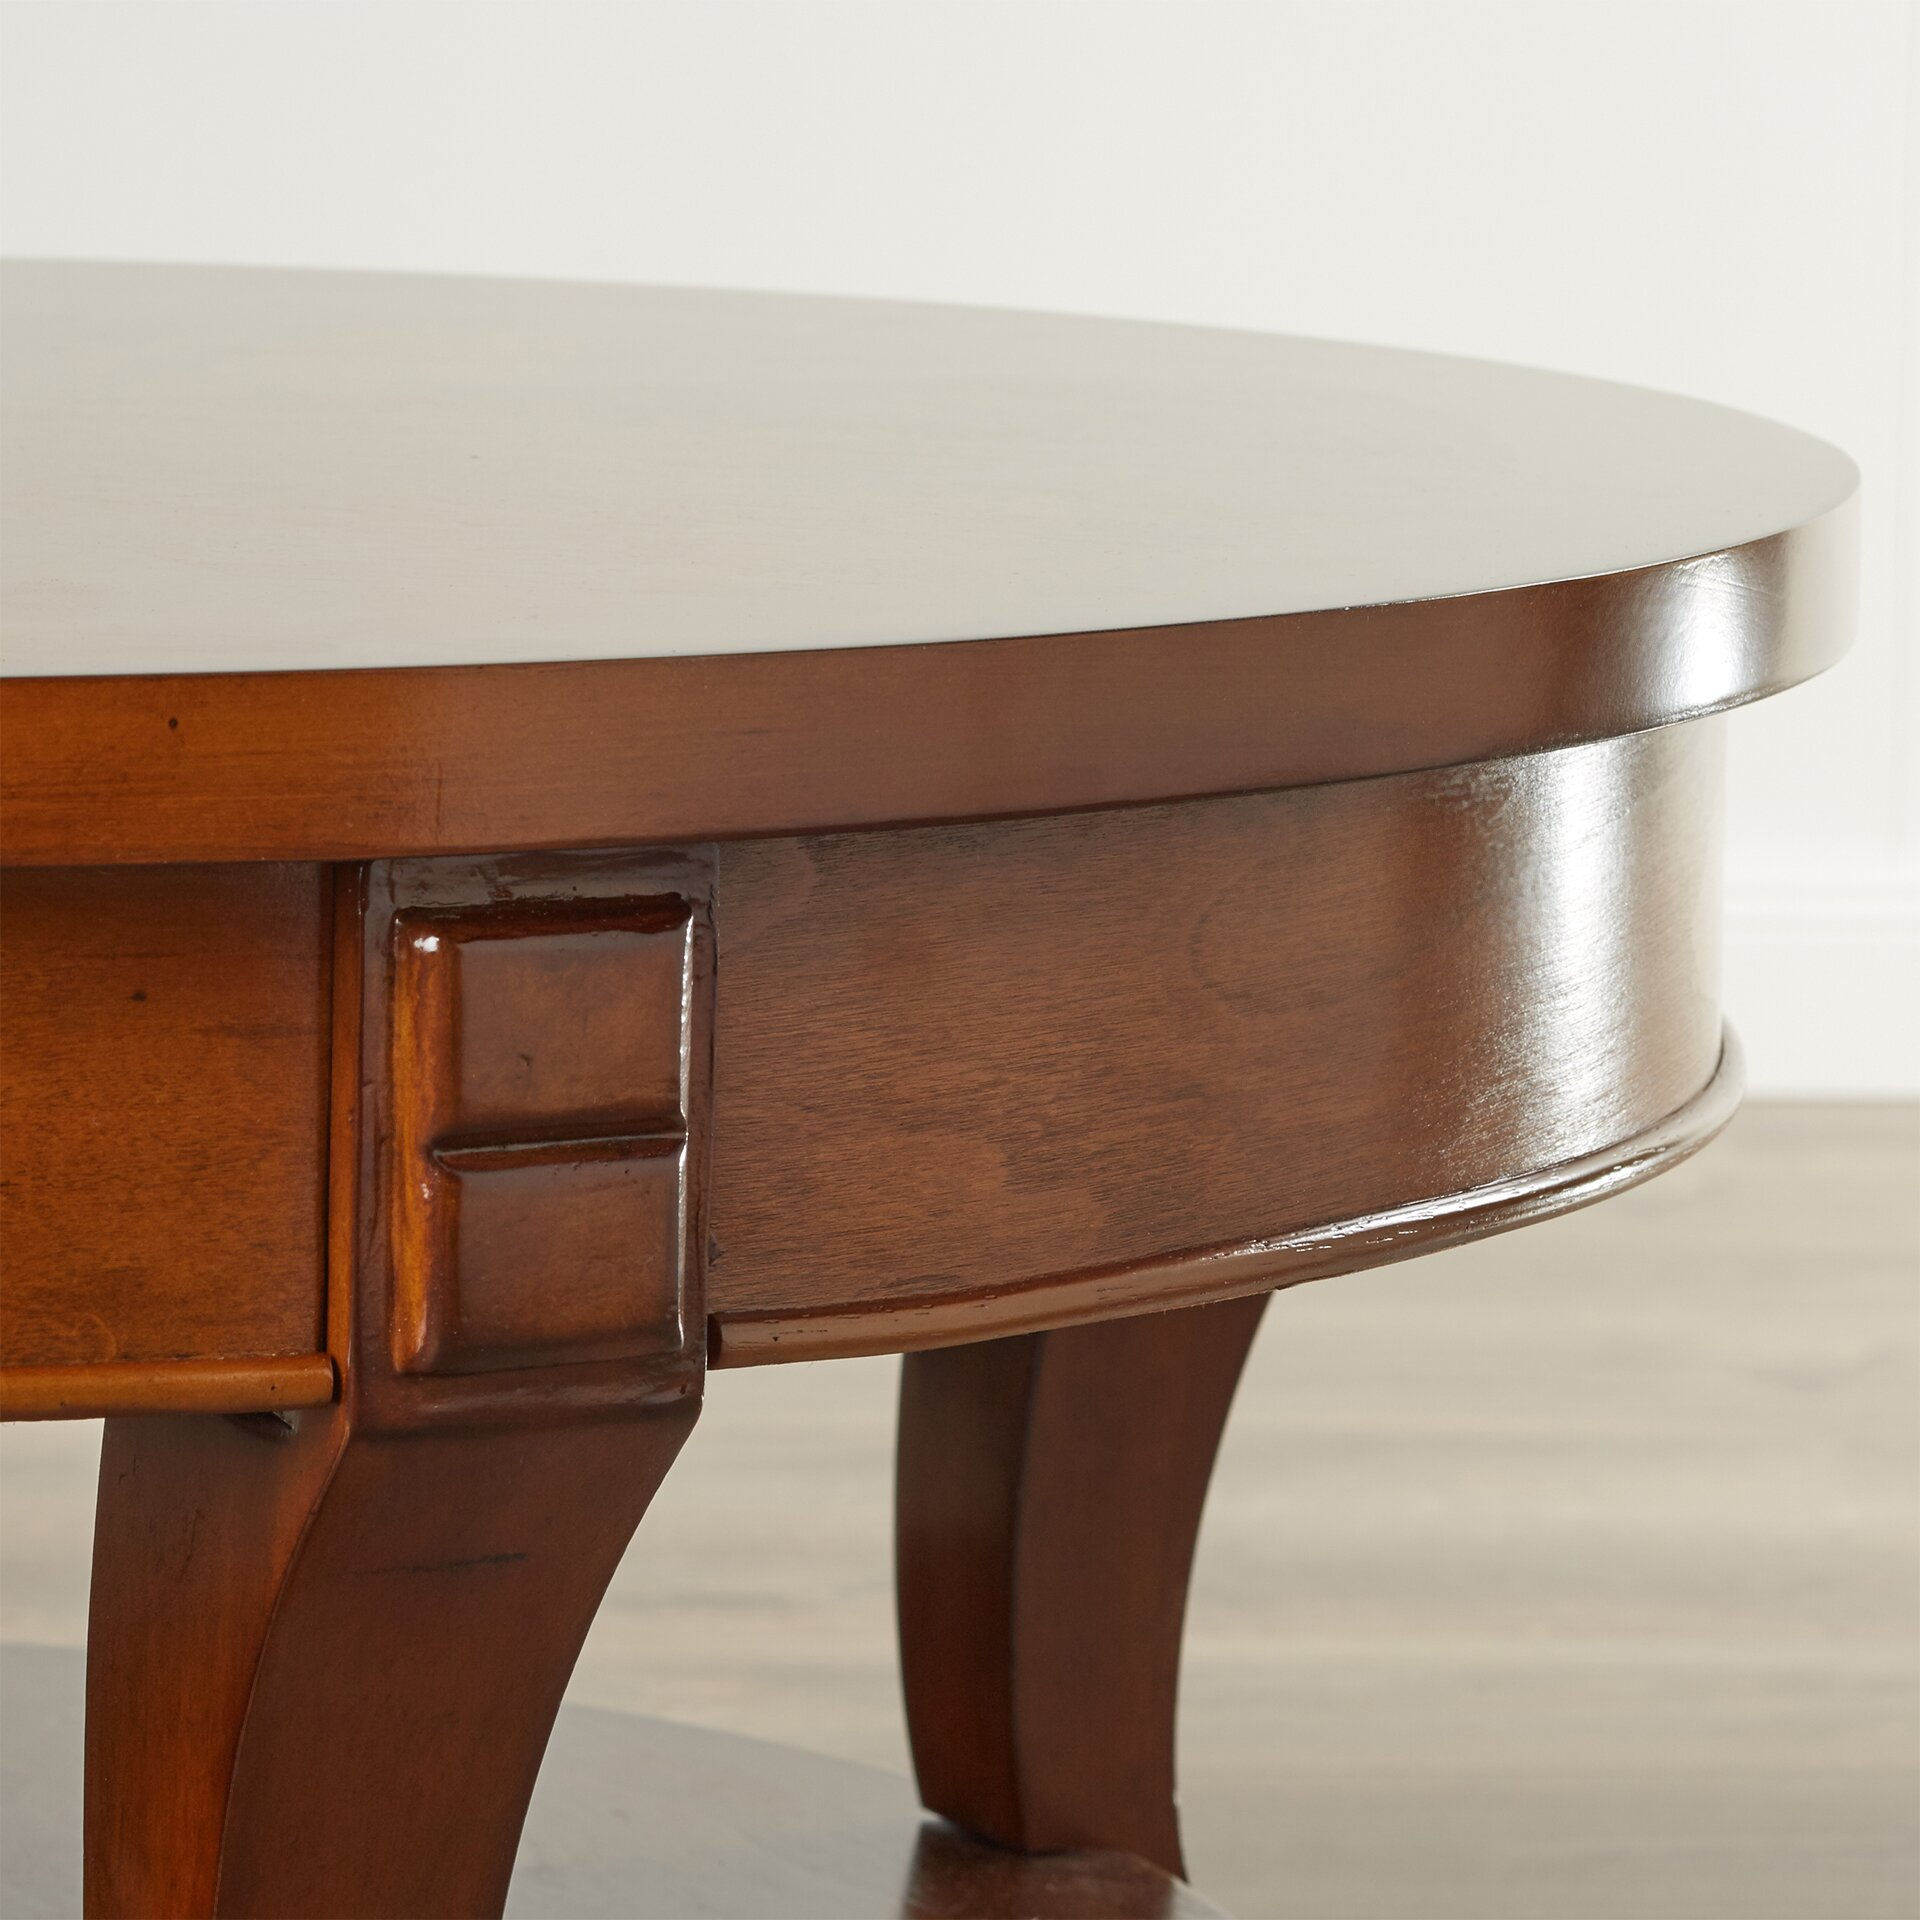 classicliving couchtisch sennett mit stauraum bewertungen. Black Bedroom Furniture Sets. Home Design Ideas